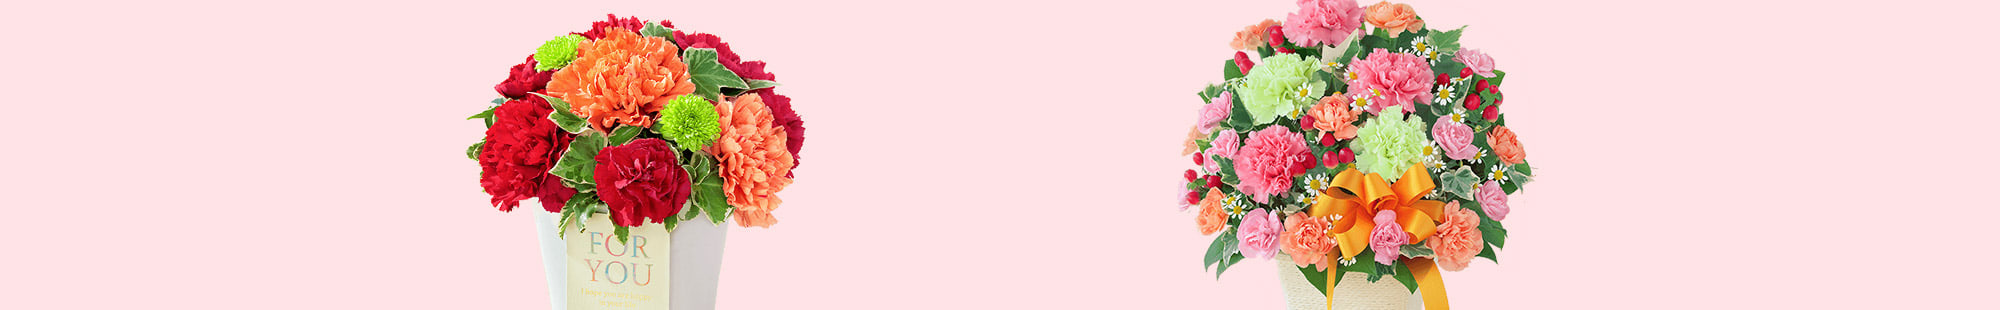 花キューピットの母の日フラワーアレンジメント・花束特集2021